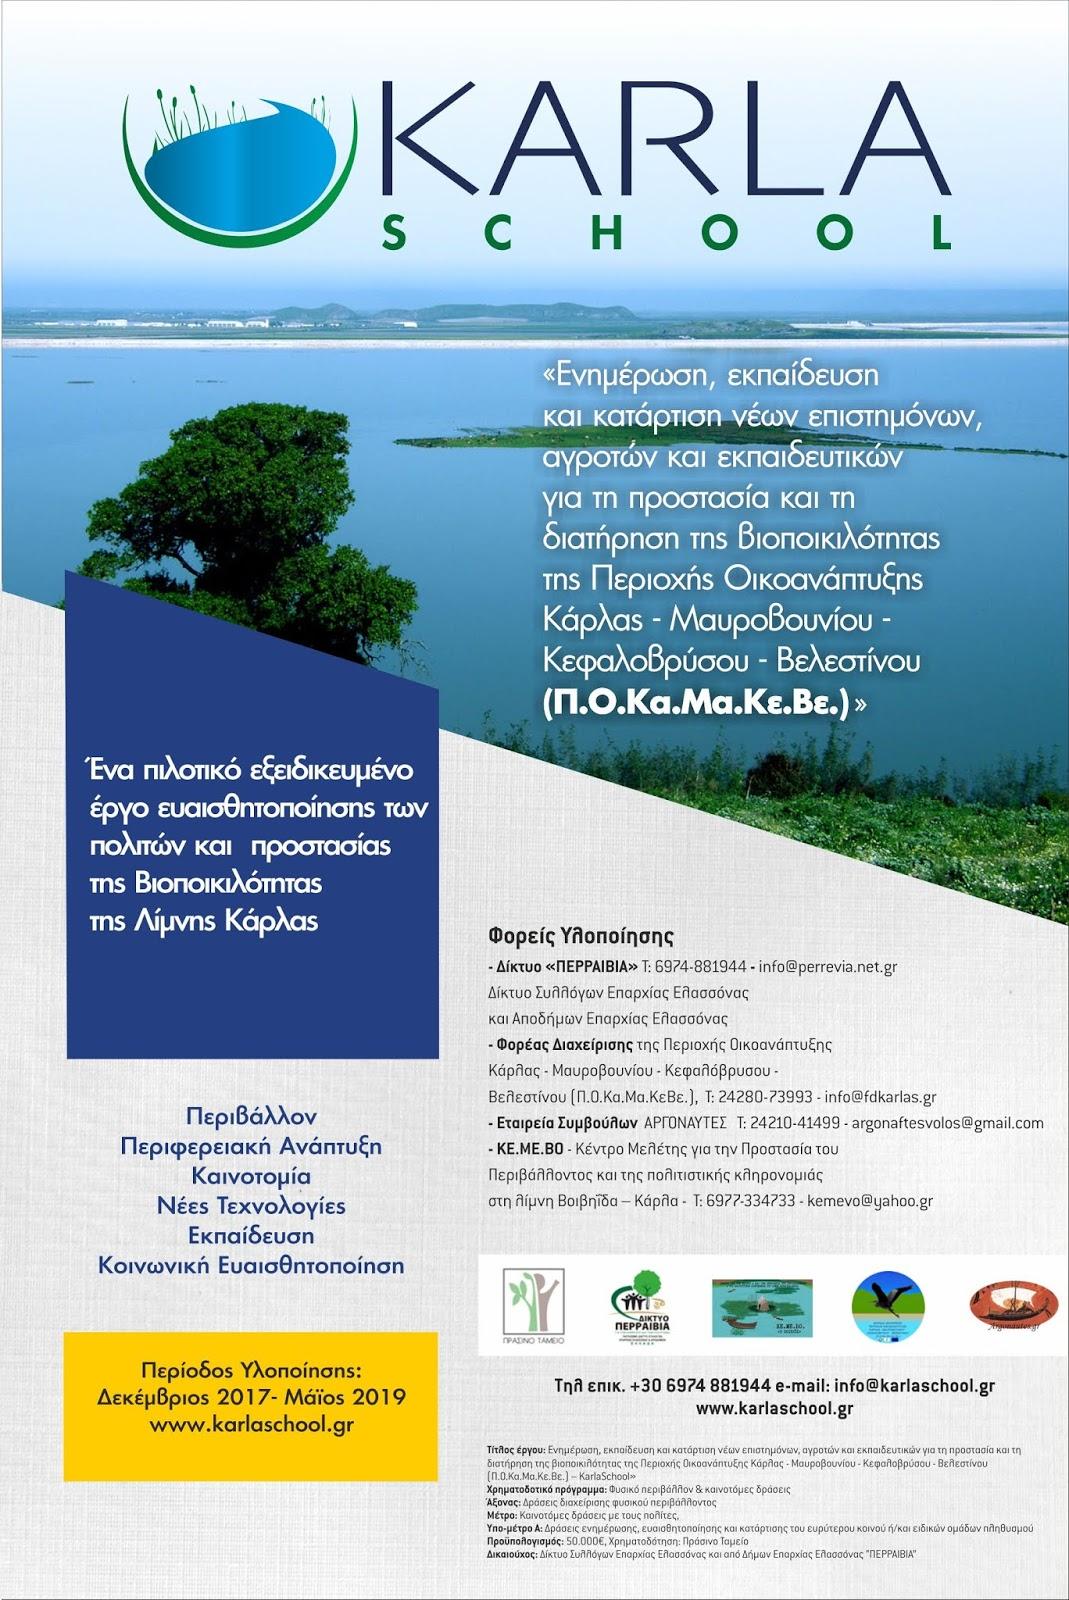 """Ολοκληρώνεται το πρωτοπόρο και καινοτόμο πρόγραμμα """"KarlaSchool"""" για τη Λίμνη Κάρλα"""